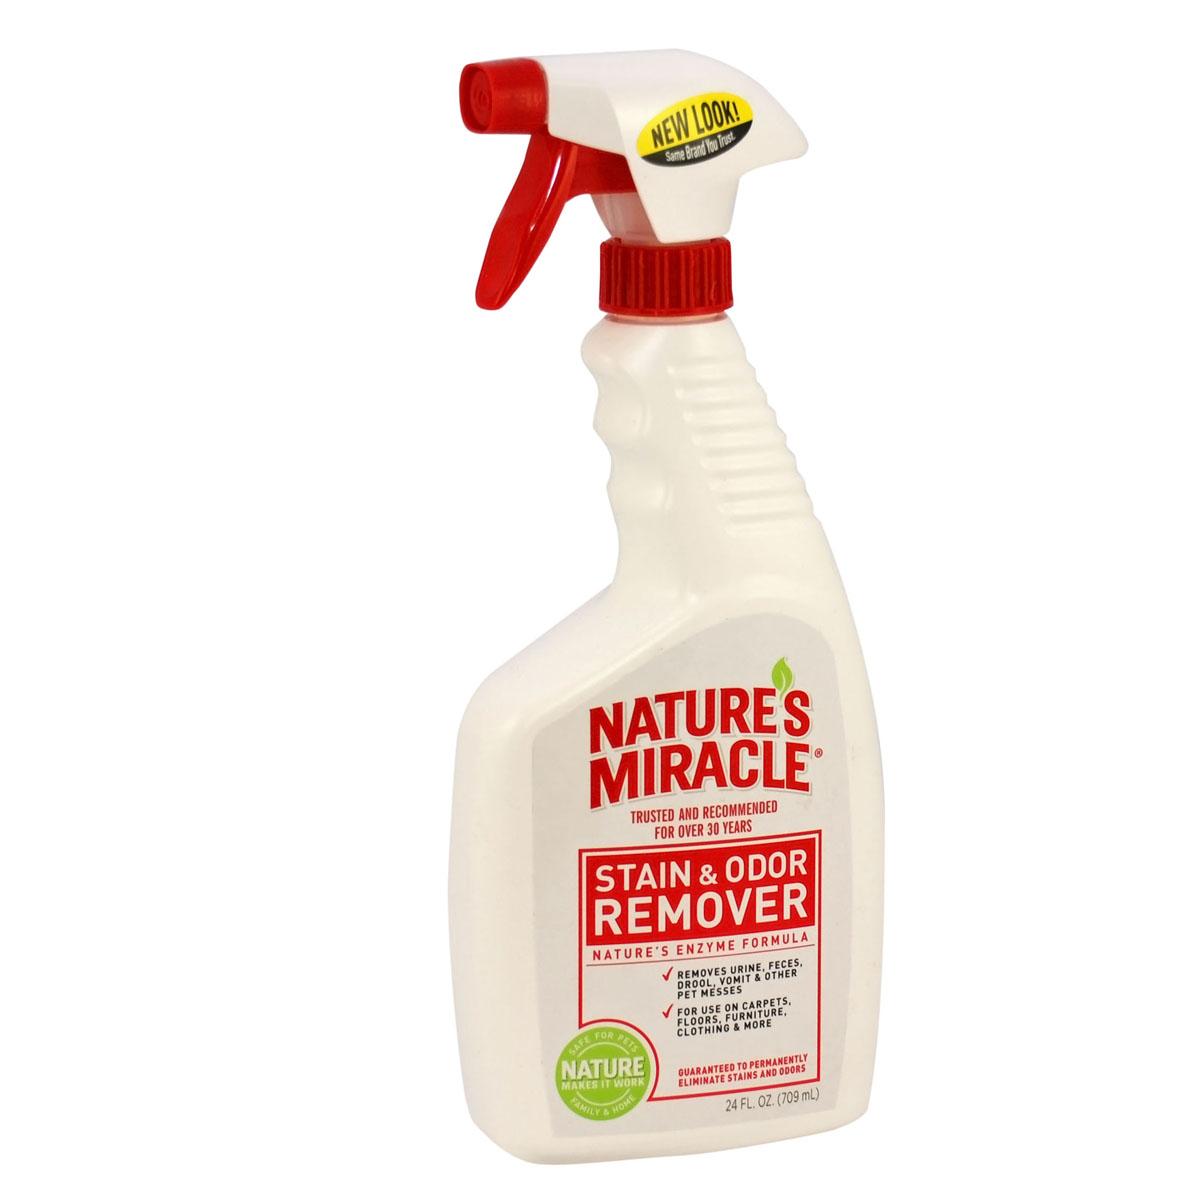 Уничтожитель пятен и запахов универсальный 8 in1 NM S&O Remover, спрей, 710 мл5051042Универсальный уничтожитель пятен и запахов 8 in1 NM S&O Remover - идеальное решение для любых загрязнений, оставленных животными. Пятна и запахи от травы, грязи, рвоты, мочи, фекалий и крови - не проблема для био-энзимной формулы Natures Miracle. Универсальный уничтожитель пятен и запахов эффективно устраняет все органические пятна и запахи, оставляя легкий аромат чистоты. Средство можно использовать на коврах, твердых поверхностях, тканях, на переносках и спальных местах животного, оно идеально для пятен и запахов, оставленных собаками и другими животными.Как работает: Универсальный уничтожитель пятен и запахов Natures Miracle быстро начинает работать, чтобы устранить трудно-выводимые пятна и неприятные запахи. Наша био-энзимная формула вступает во взаимодействие с органическими загрязнениями и полностью удаляет пятна и запахи, в отличие от других средств, которые могут только маскировать их. Из-за особенностей этого взаимодействия универсальному уничтожителю пятен и запахов Natures Miracle требуется высохнуть естественным путем, что может занять до двух недель, т.к. средству нужно проникнуть на всю глубину загрязнения, включая подкладку ковра и обивку мягкой мебели.1). Перед использованием протестируйте поверхность на цветоустойчивость на незаметном участке. Нанесите средство, подождите 5 минут и вытрите поверхность тканью. Если область изменила цвет, не применяйте Универсальный уничтожитель пятен и запахов на этой поверхности. 2). Всегда используйте Универсальный уничтожитель пятен и запахов в исходной концентрации. 3). Всегда изначально используйте Универсальный уничтожитель пятен и запахов, т.к. другие средства могут не справиться и химически закрепить пятна, после чего их будет невозможно удалить. ВЫВЕДЕНИЕ ПЯТЕН: 1). Вытрите пятно, насколько это возможно, затем полностью замочите его в Универсальном уничтожителе пятен и запахов. 2). Подождите 5 минут и вытрите поверхность тка